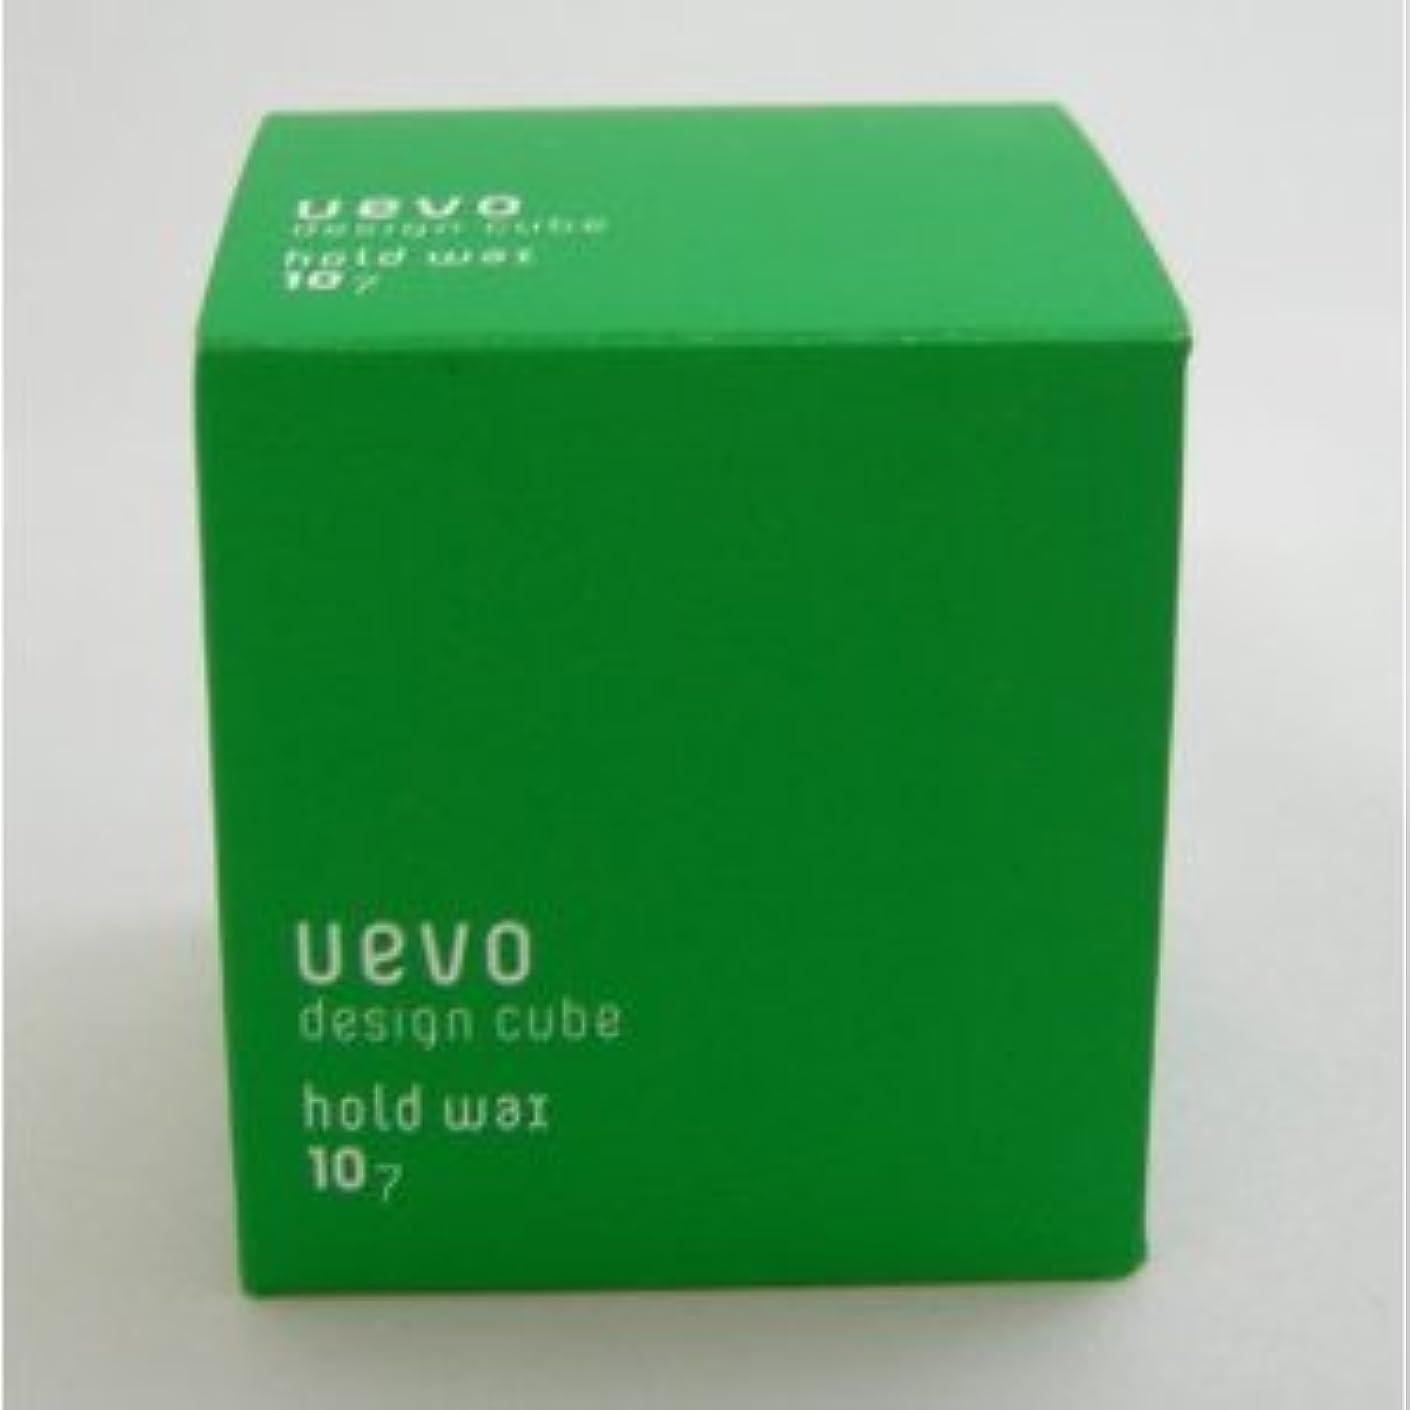 アデレードオペラ怒る【X3個セット】 デミ ウェーボ デザインキューブ ホールドワックス 80g hold wax